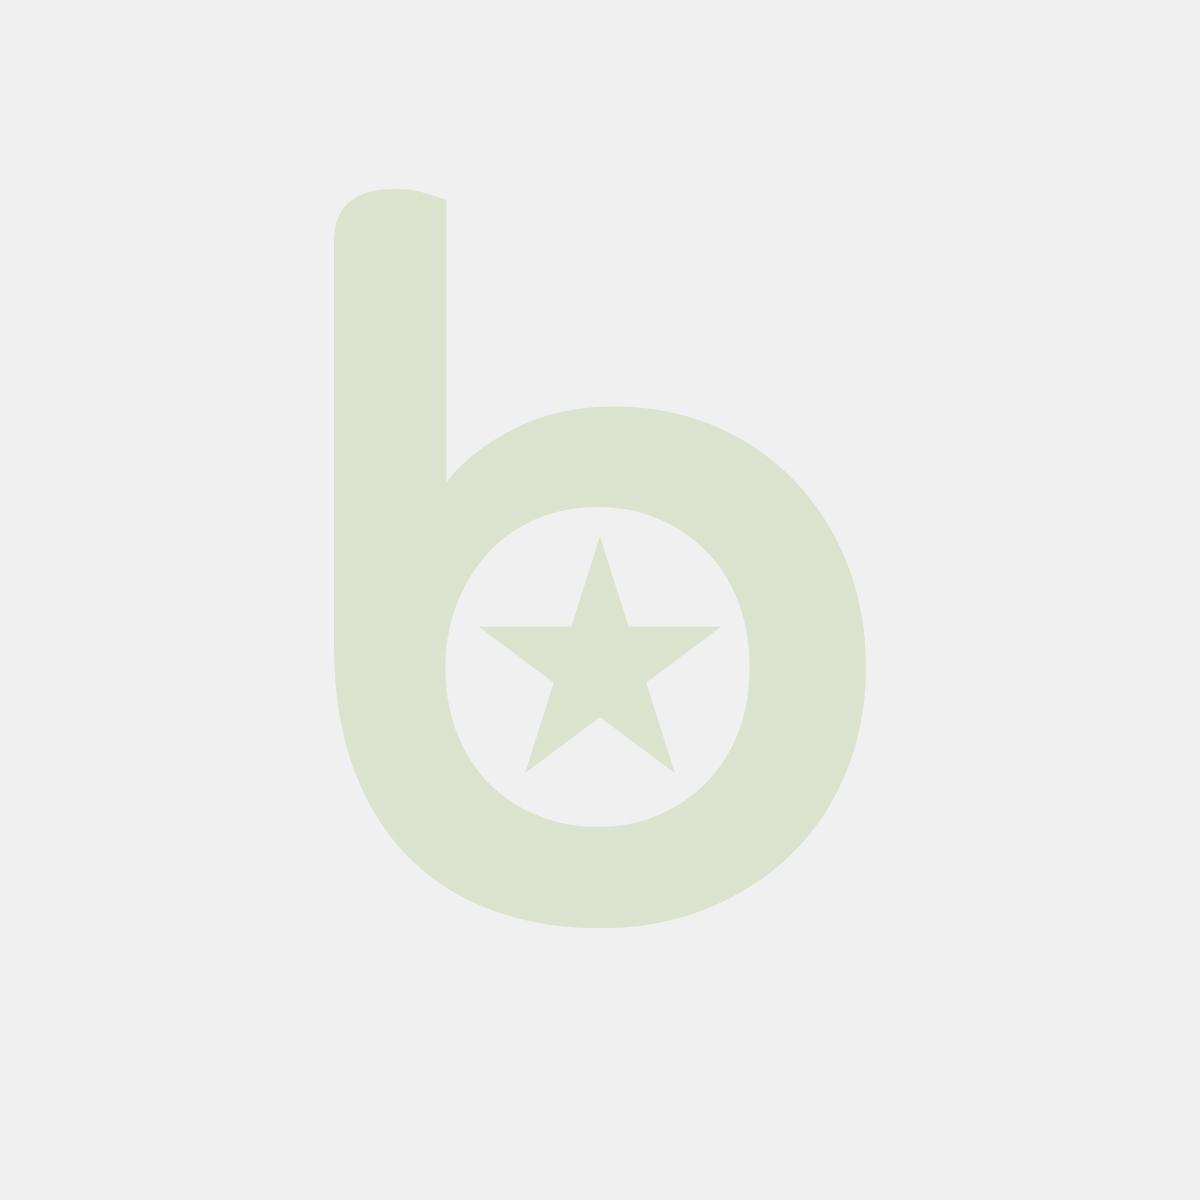 Pokrywka Do Gn Budget Line - Z Uszczelką Silikonową Gn 1/4